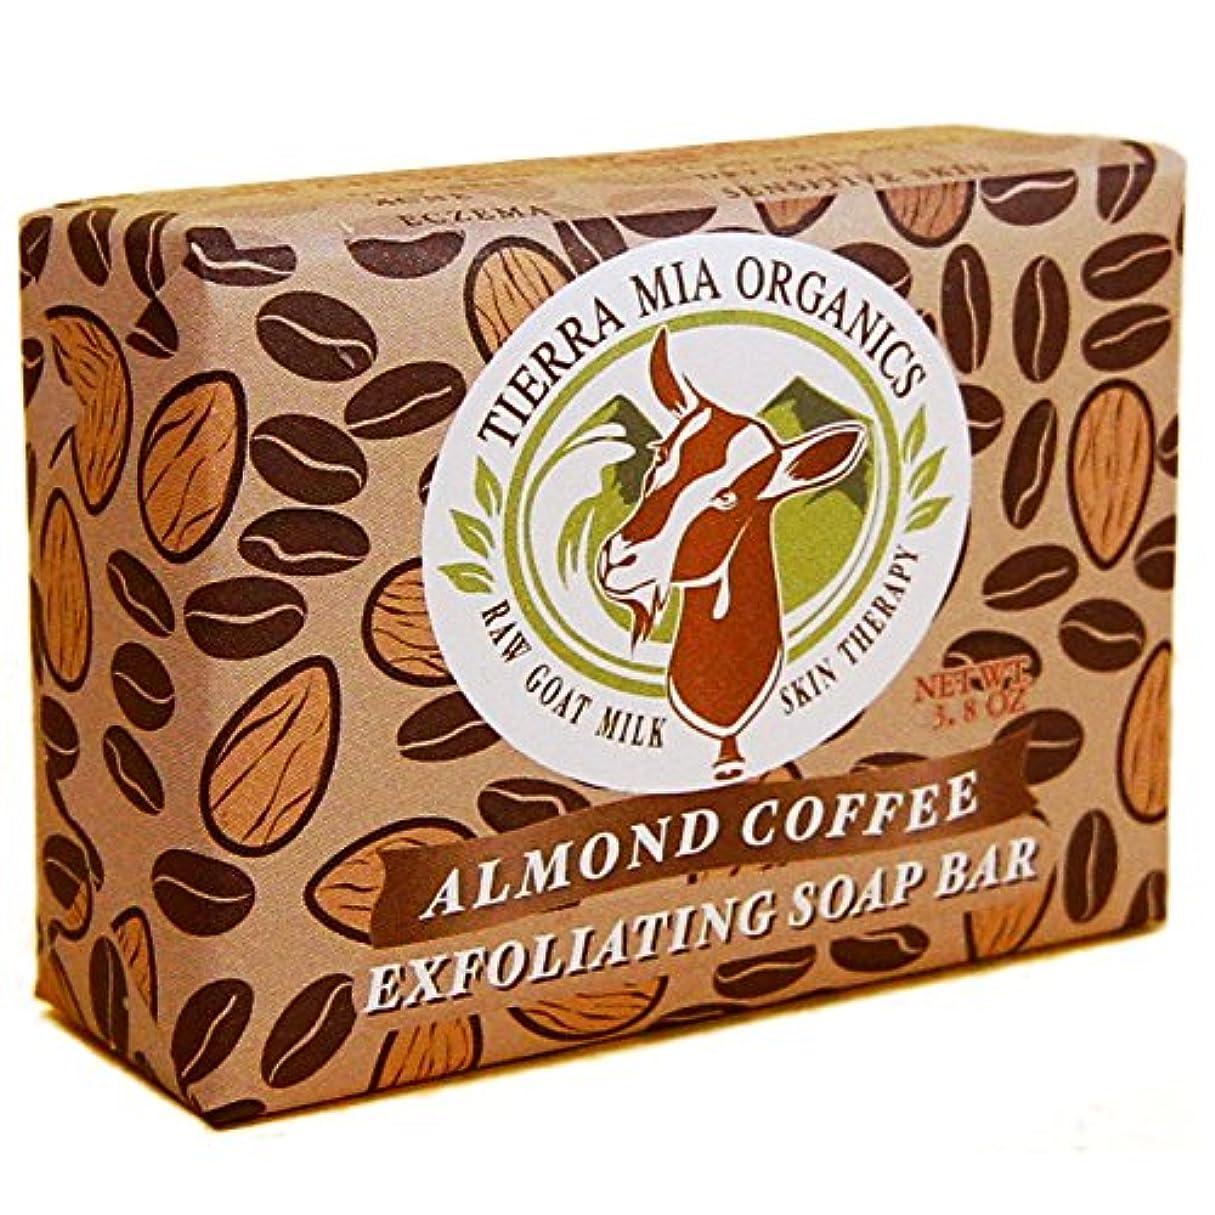 単なるグリットフィットTierra Mia Organics, Raw Goat Milk Skin Therapy, Exfoliating Soap Bar, Almond Coffee, 3.8 oz